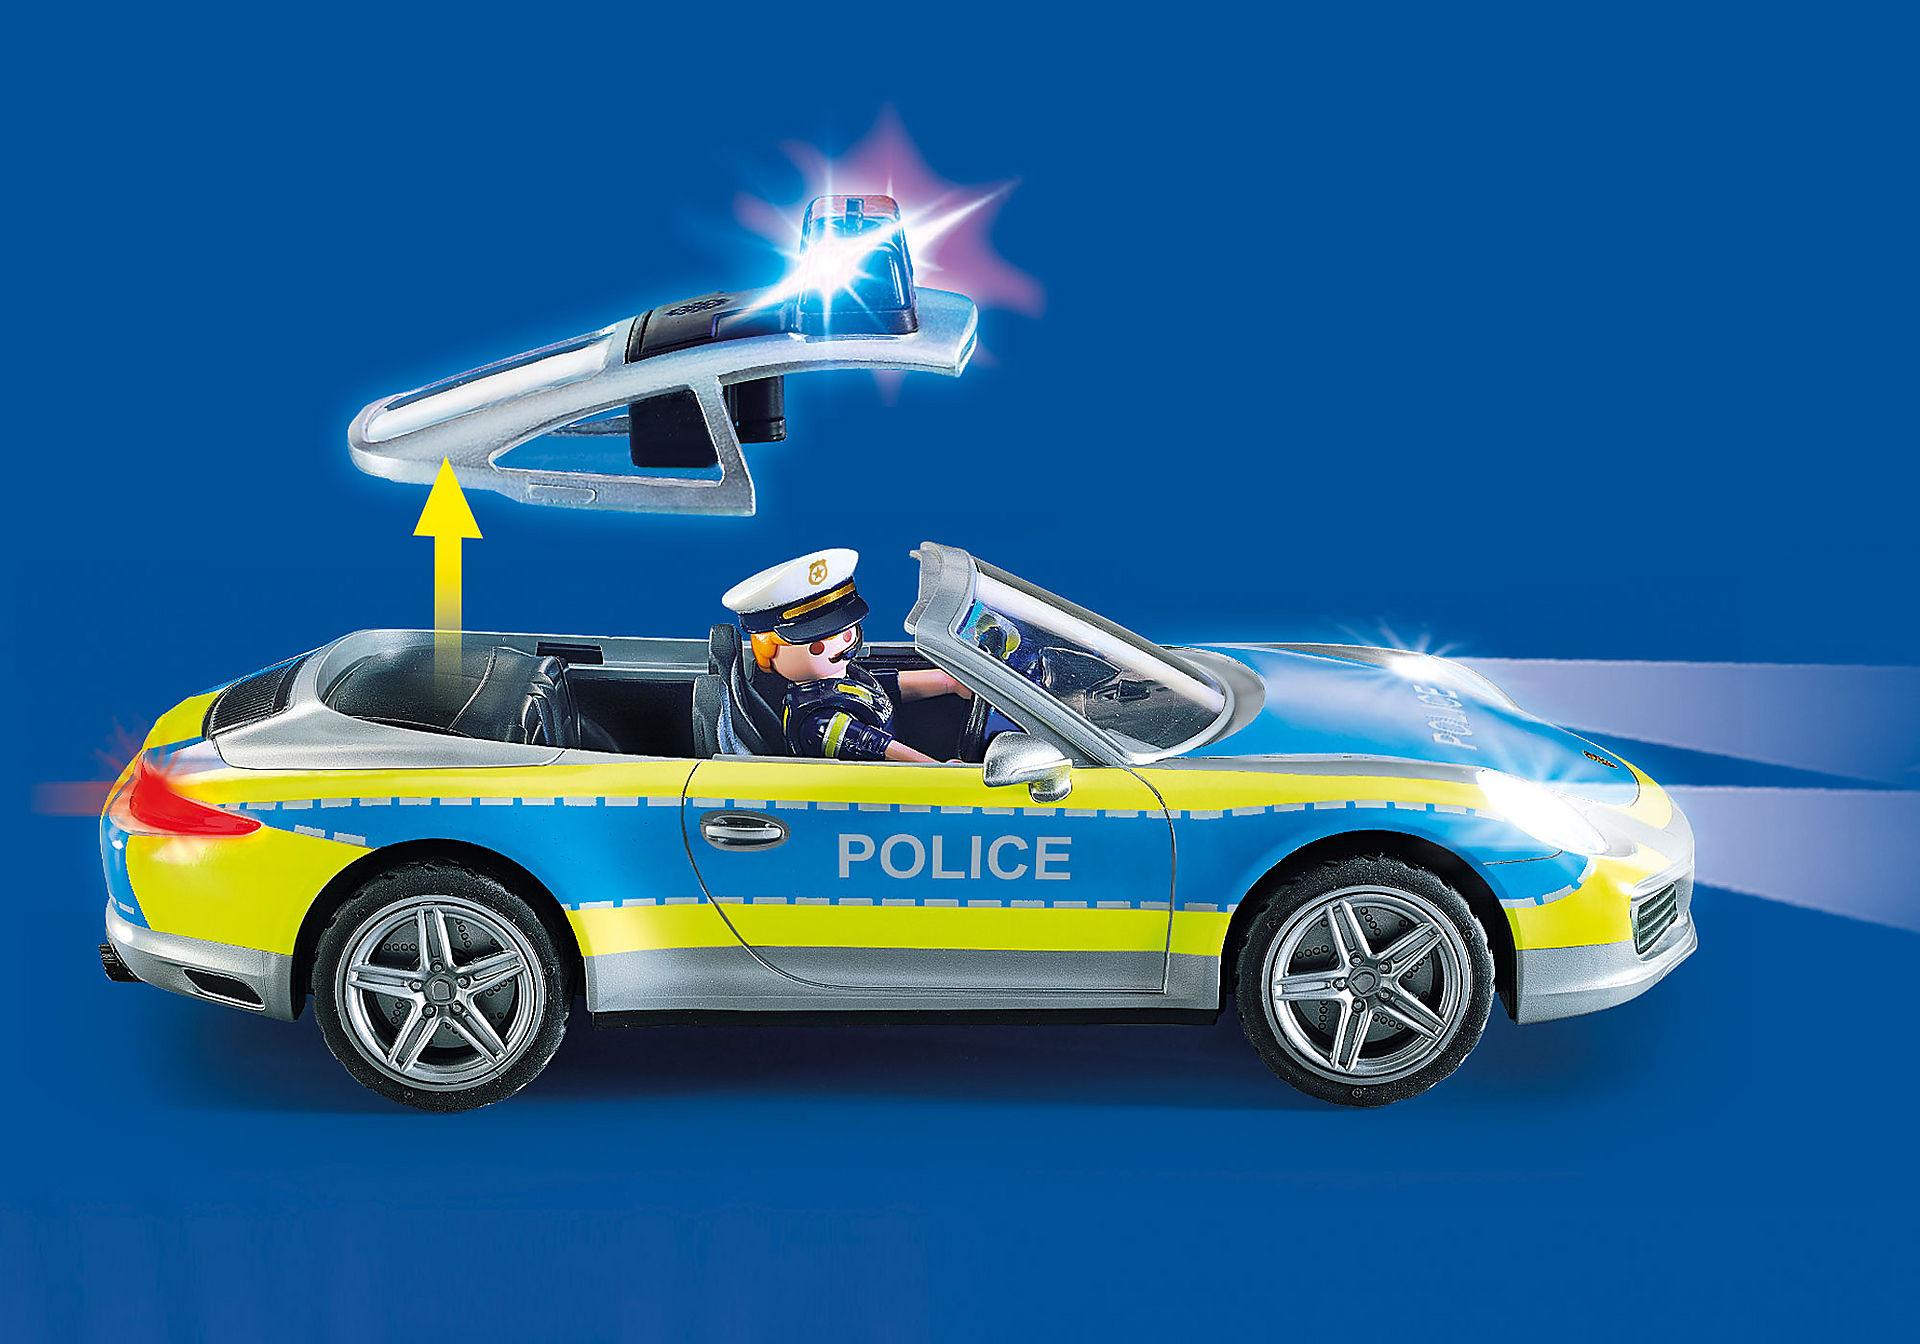 http://media.playmobil.com/i/playmobil/70066_product_extra1/Porsche 911 Carrera 4S Police - White